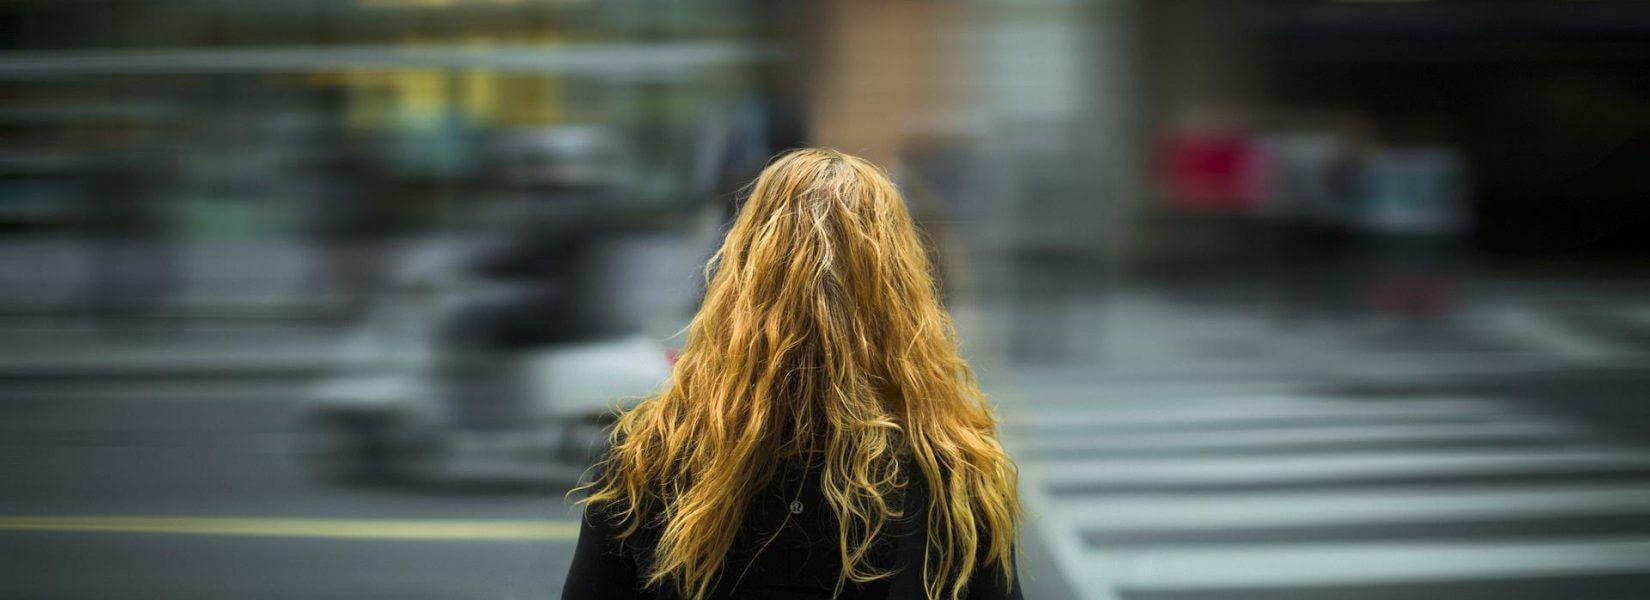 Γιατί τα νέα κορίτσια τείνουν να έχουν περίοδο ολοένα σε μικρότερες ηλικίες;